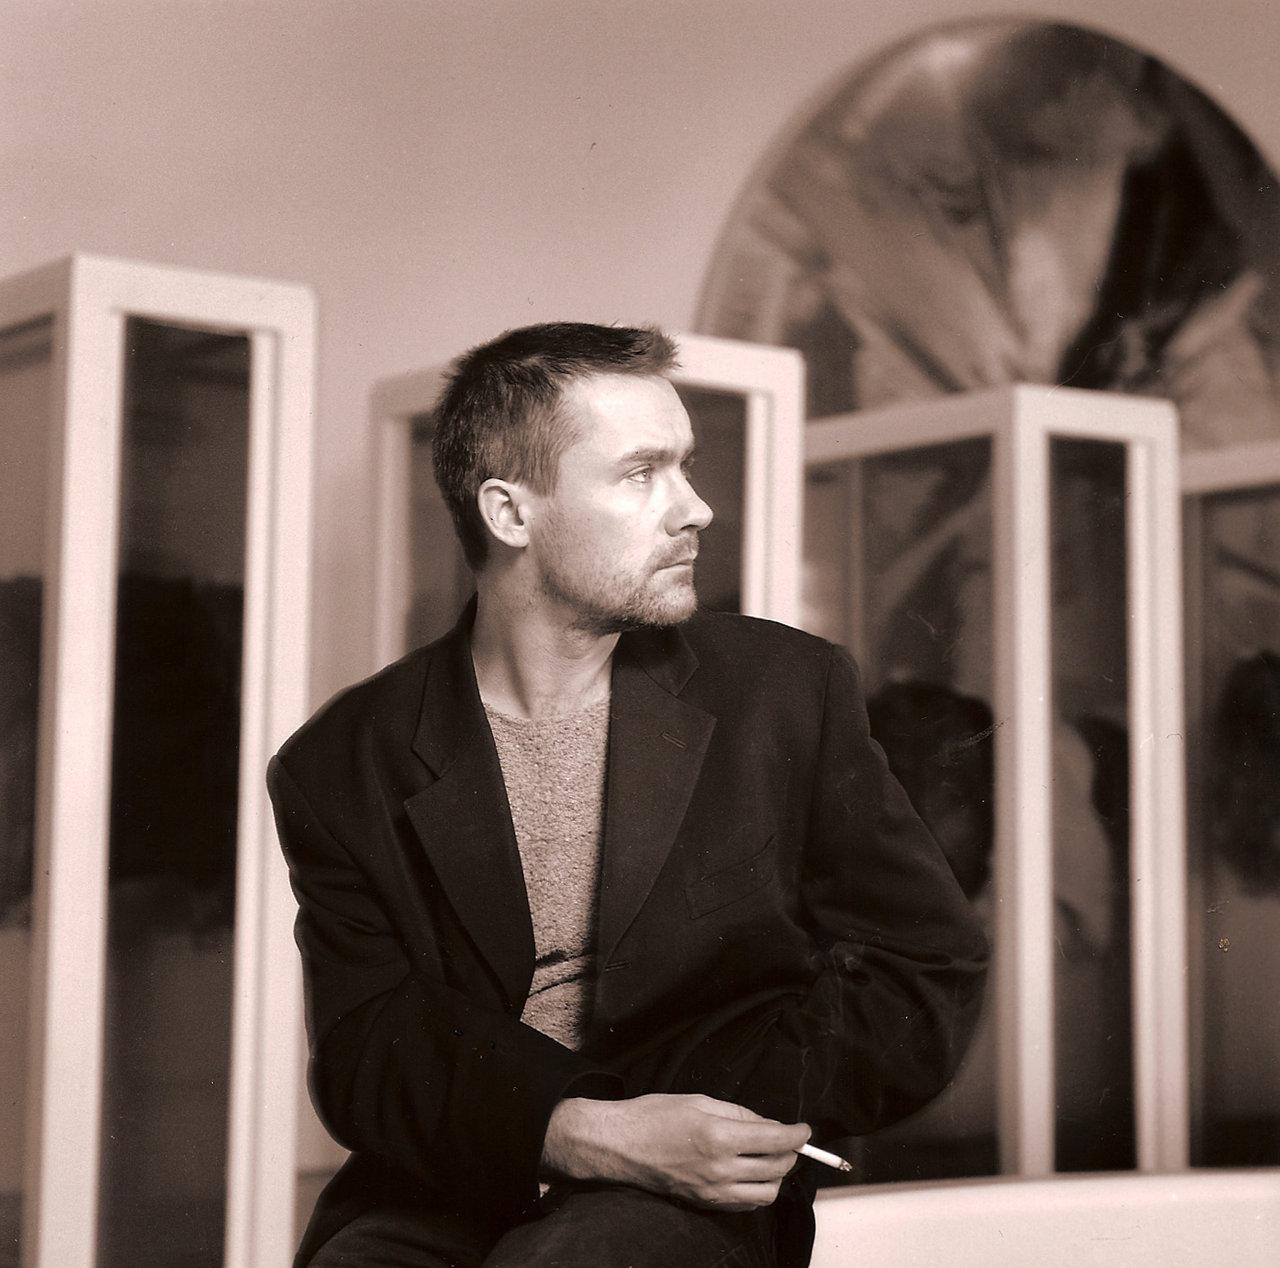 Damian Hirst